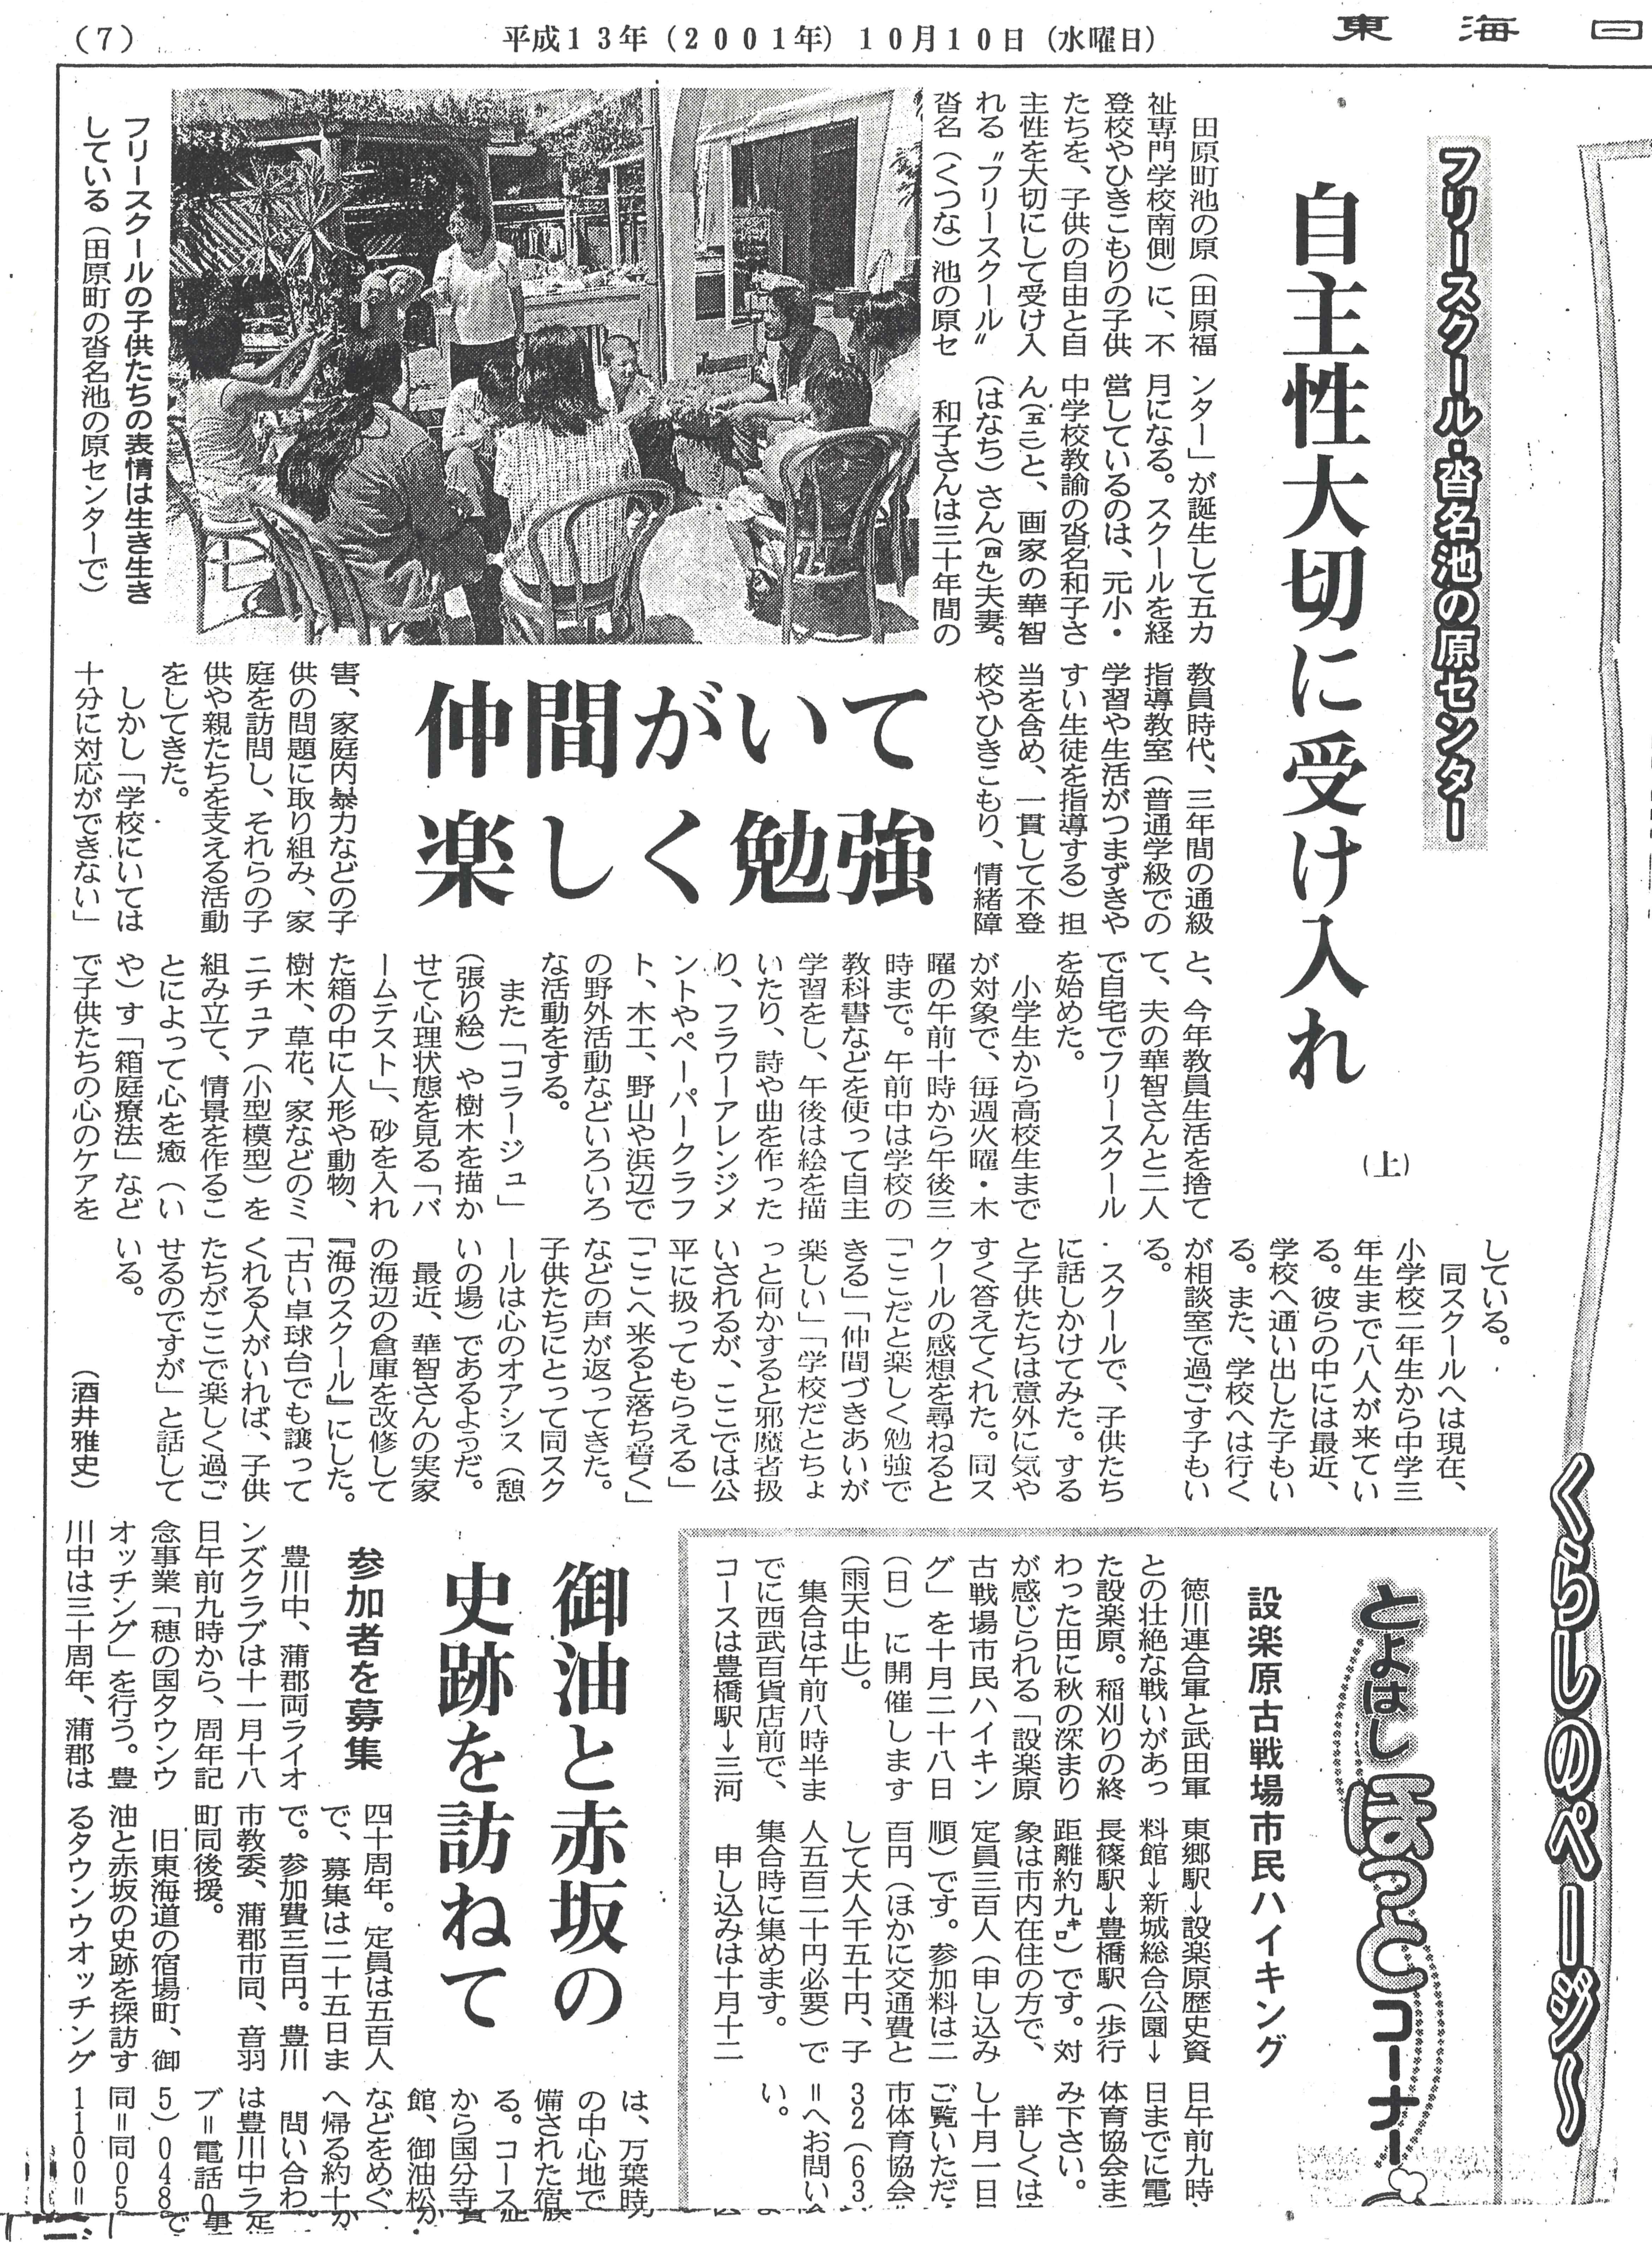 0001_自主性大切に受け入れ(東日新聞)20011010